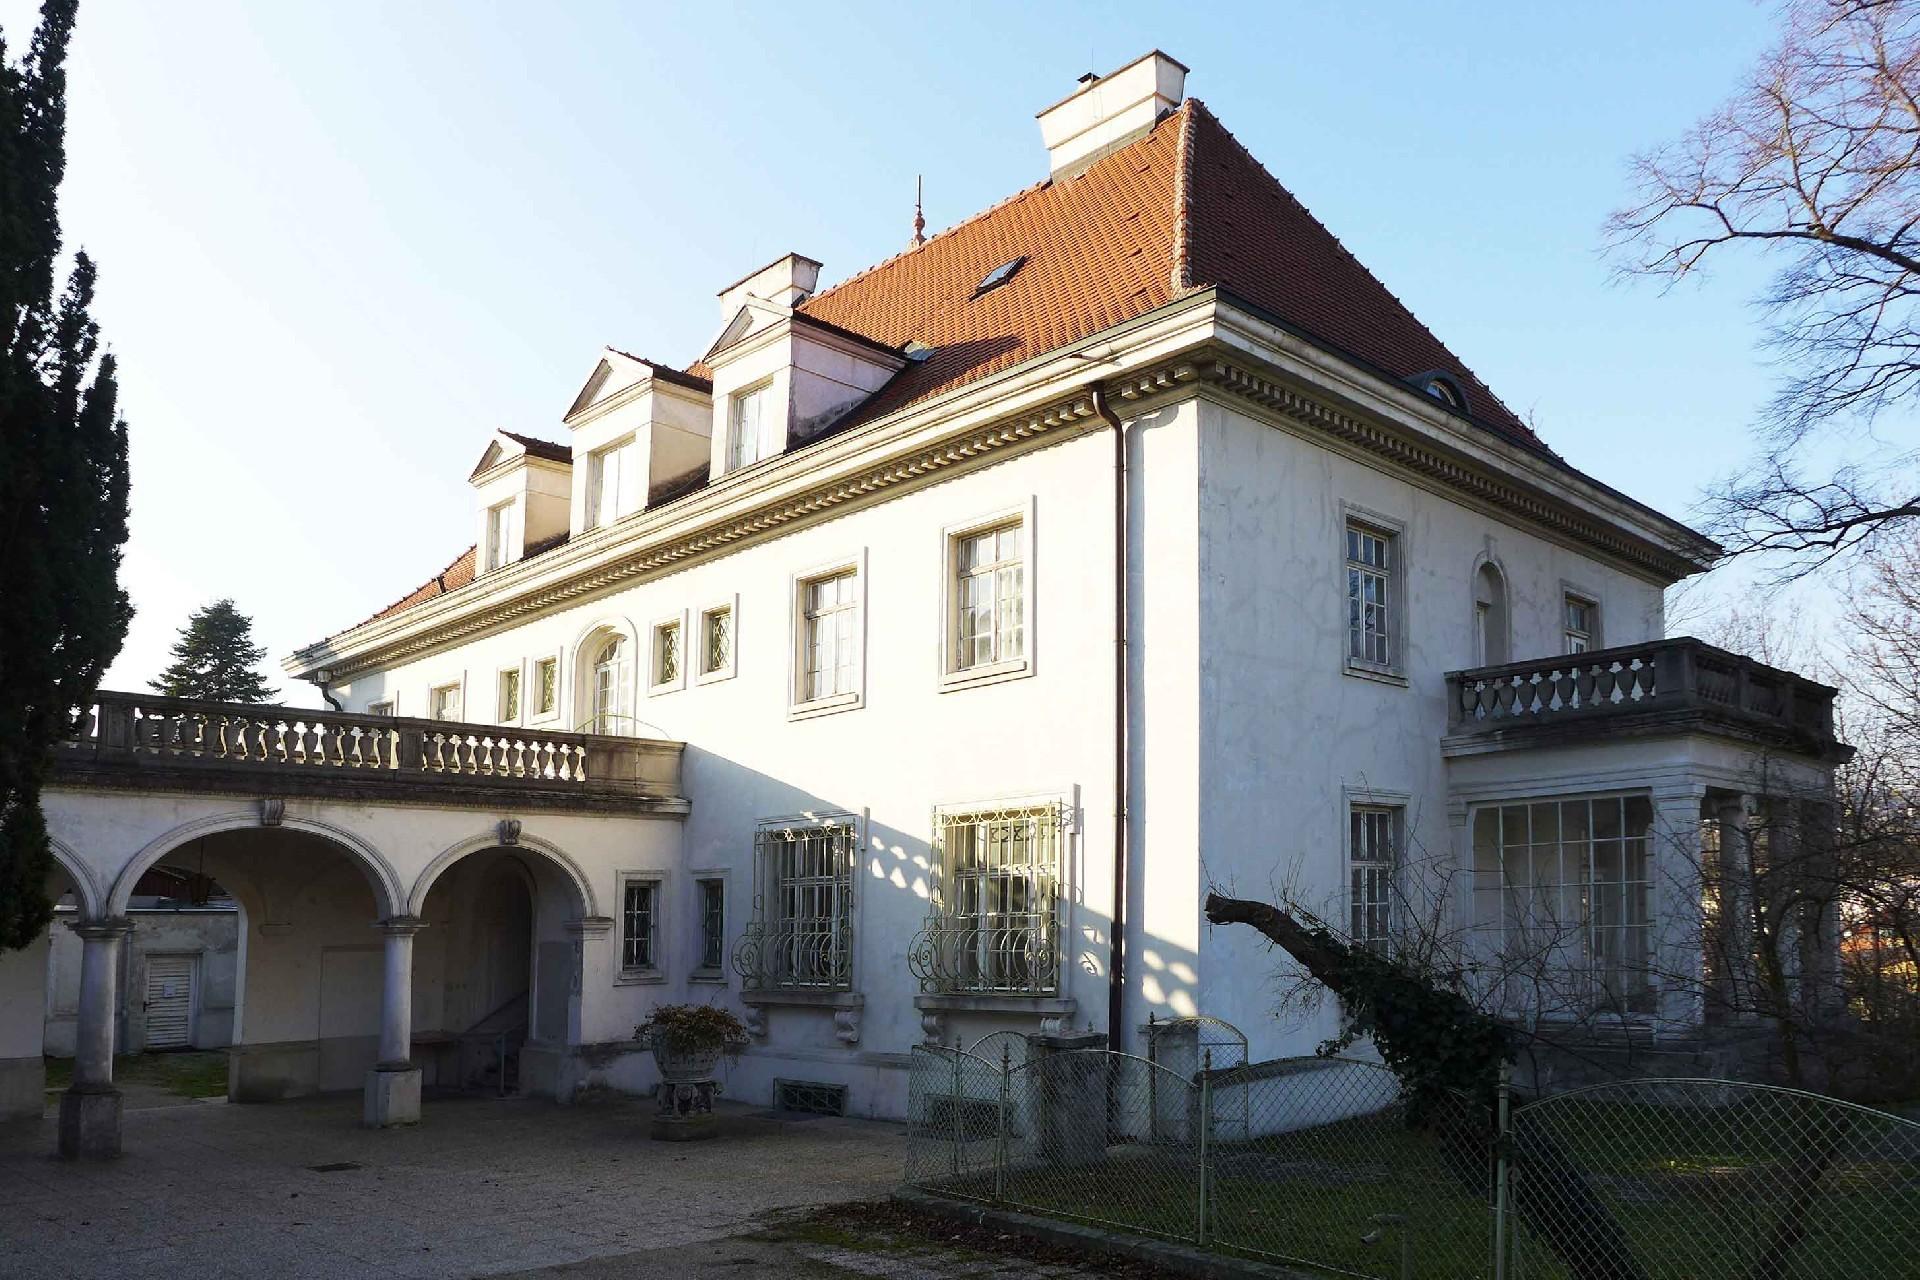 Rostock freimaurer Vereinigte Großlogen